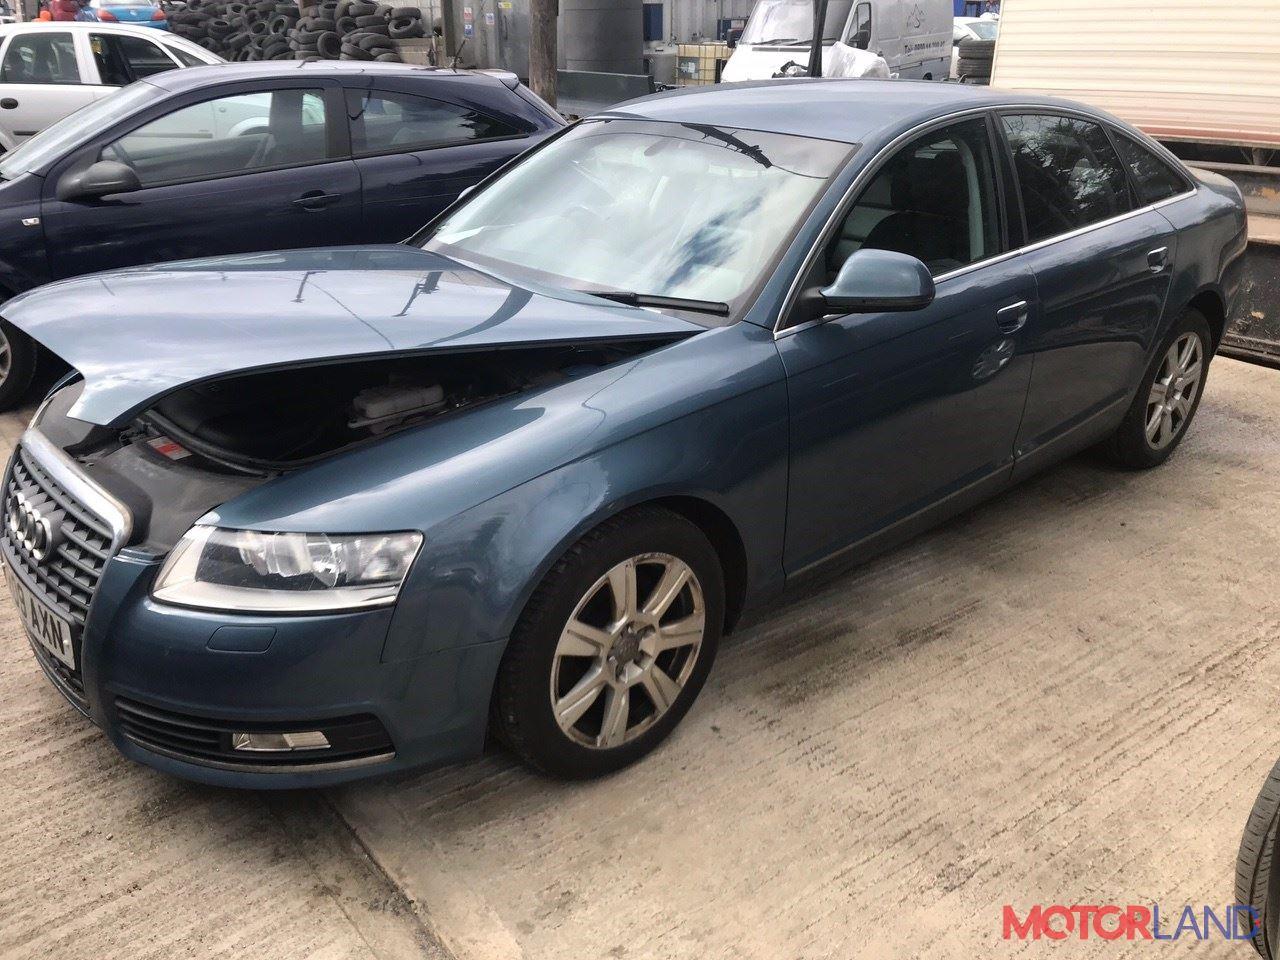 Audi A6 (C6) 2005-2011, разборочный номер T21372 #1